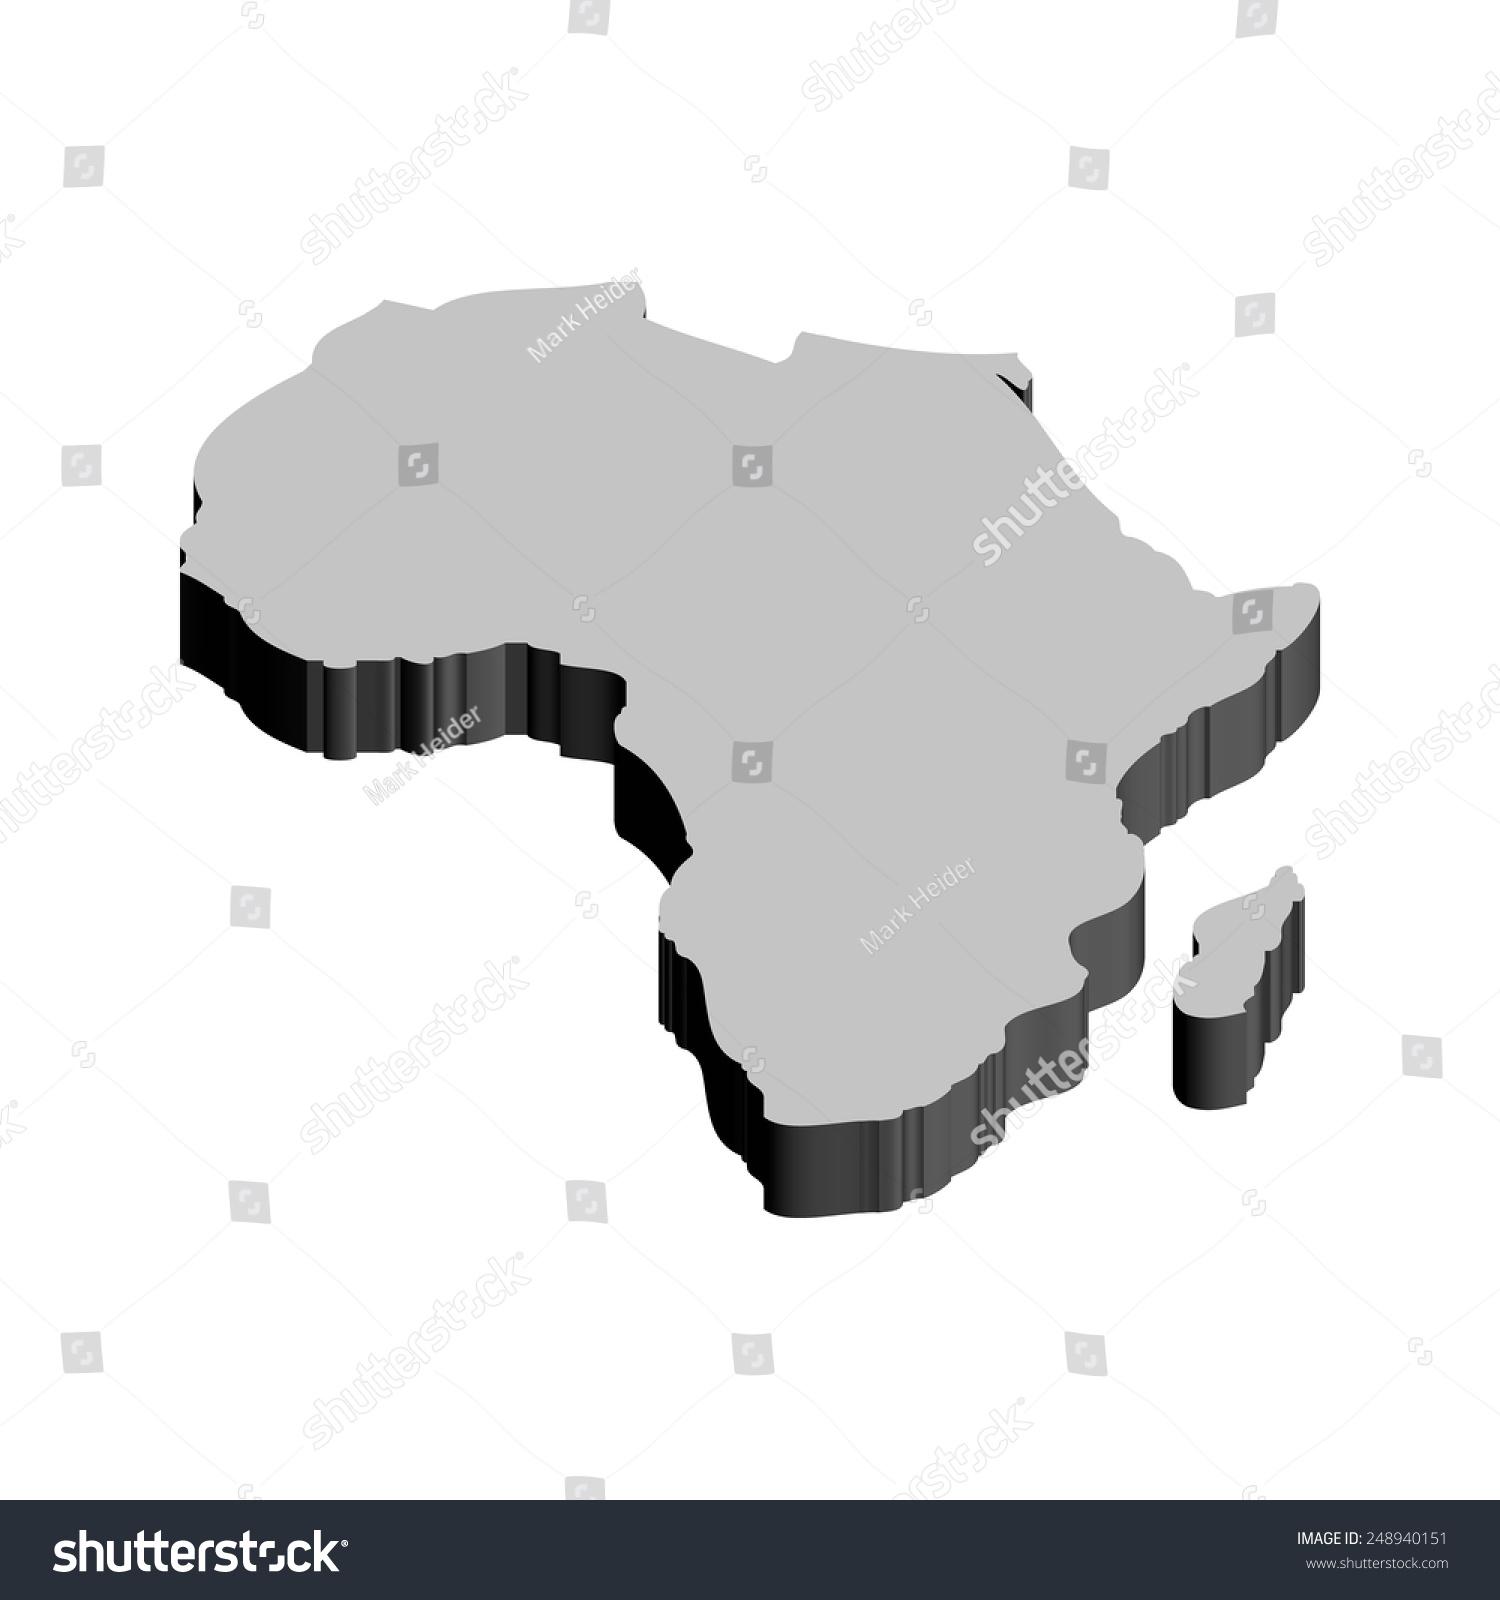 3d Africa Map Stock Vector 248940151 Shutterstock